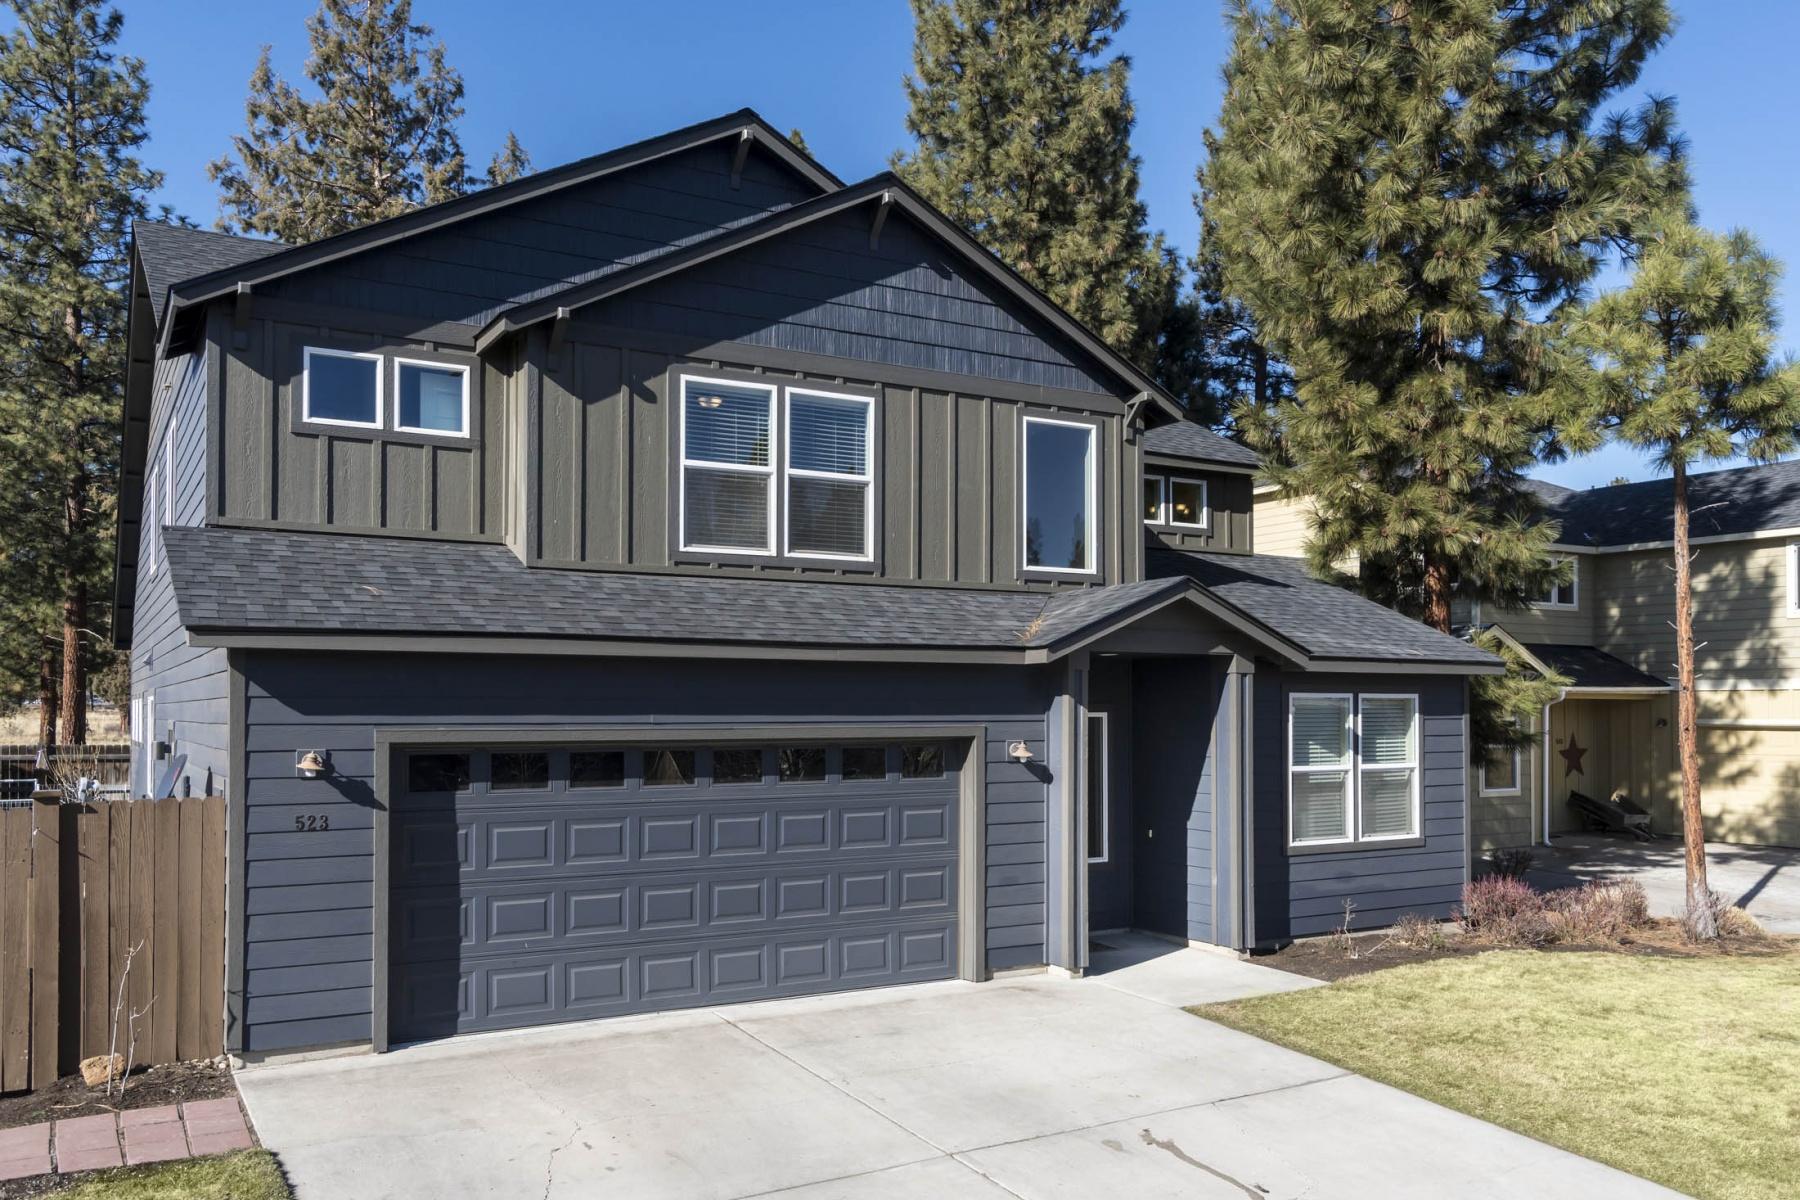 Casa Unifamiliar por un Venta en 523 North Freemont Street Sisters, Oregon, 97759 Estados Unidos